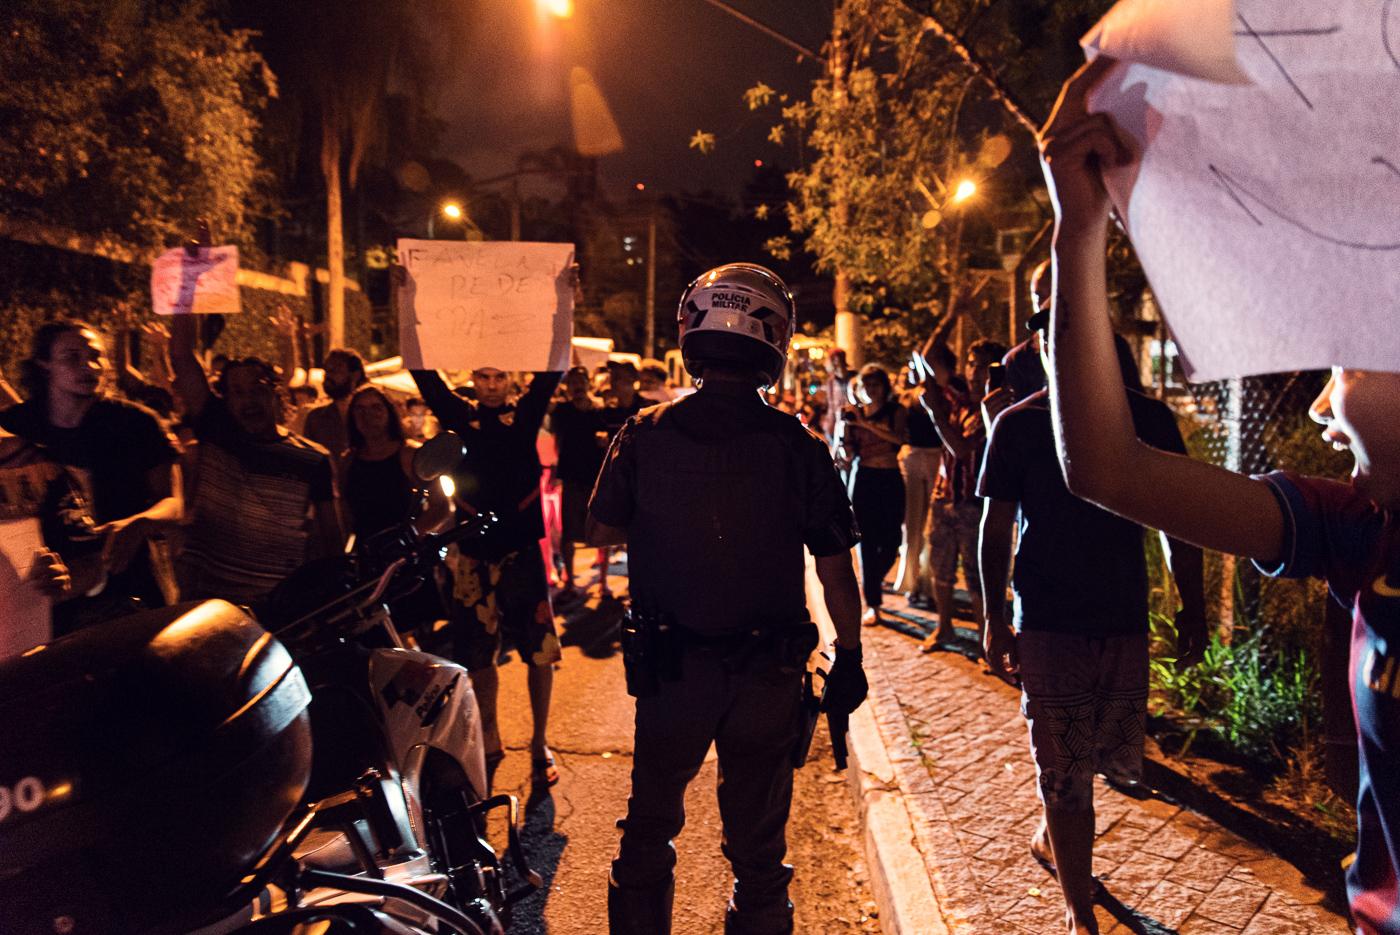 В Бразилии проходят протесты против действий полиции, которые привели к 9 смертям на фанк-фестивале